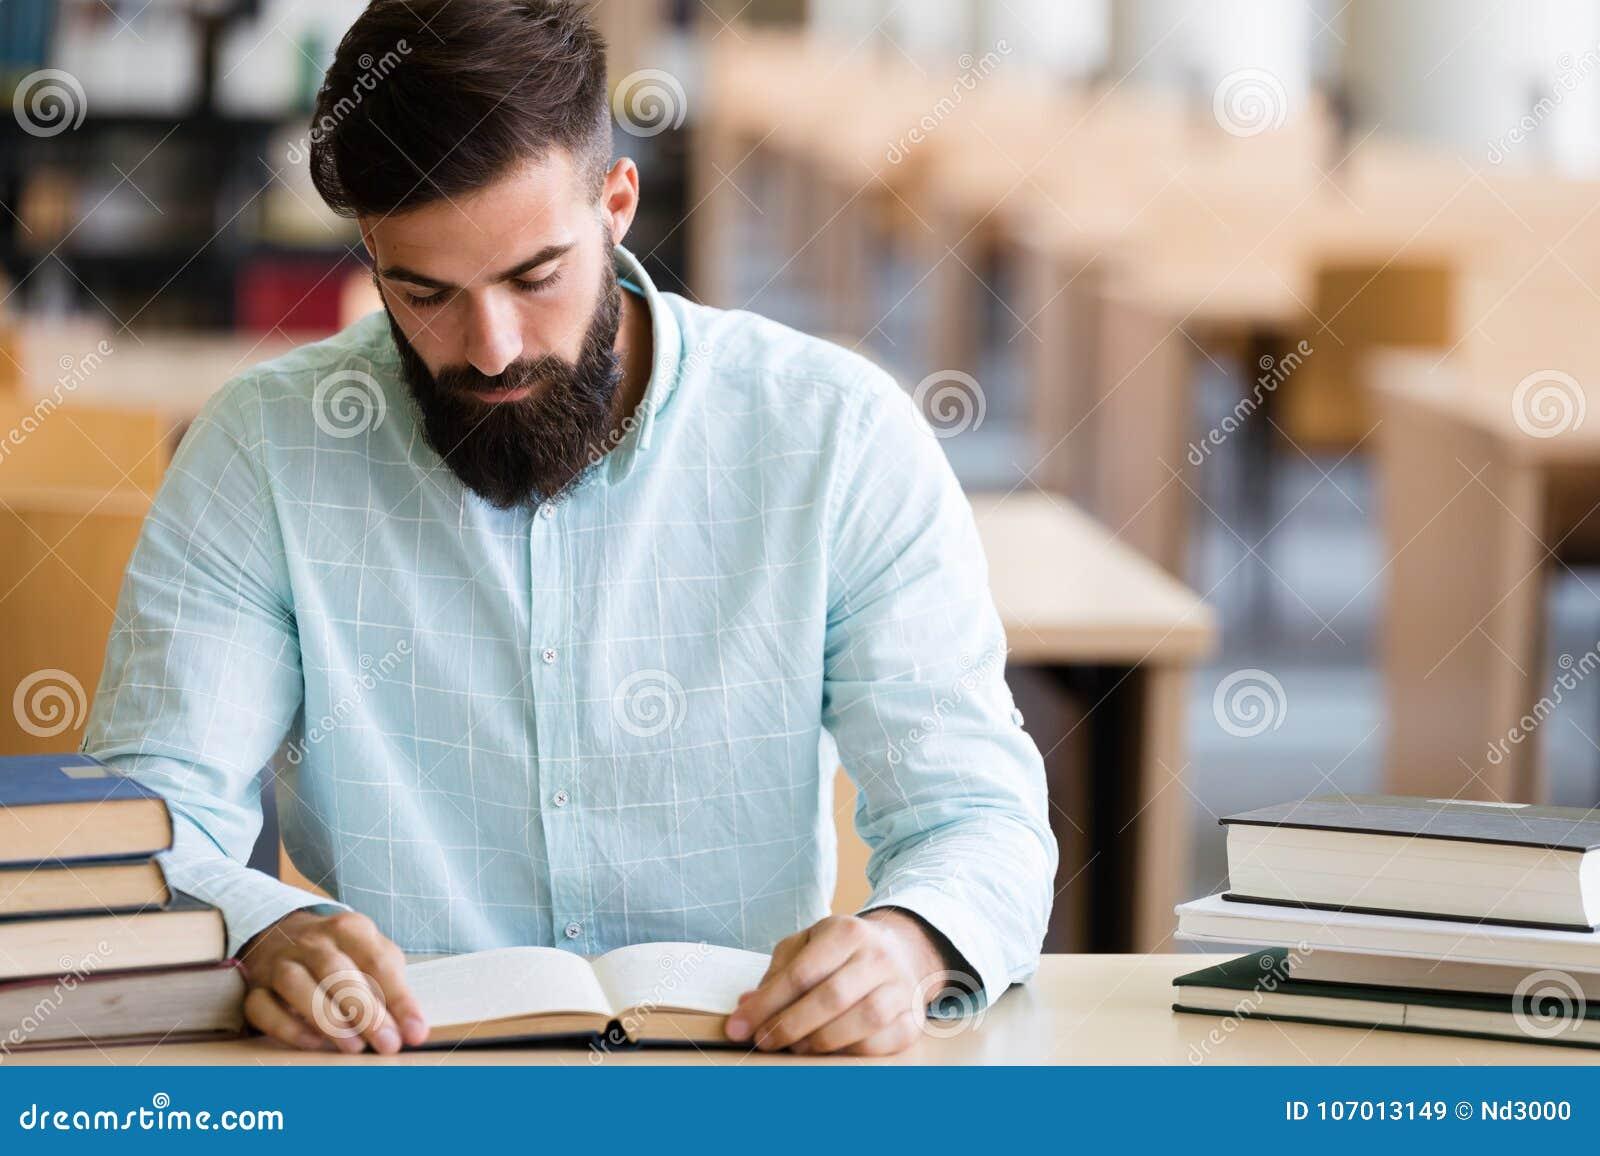 Livro de leitura sério do estudante masculino na biblioteca de faculdade